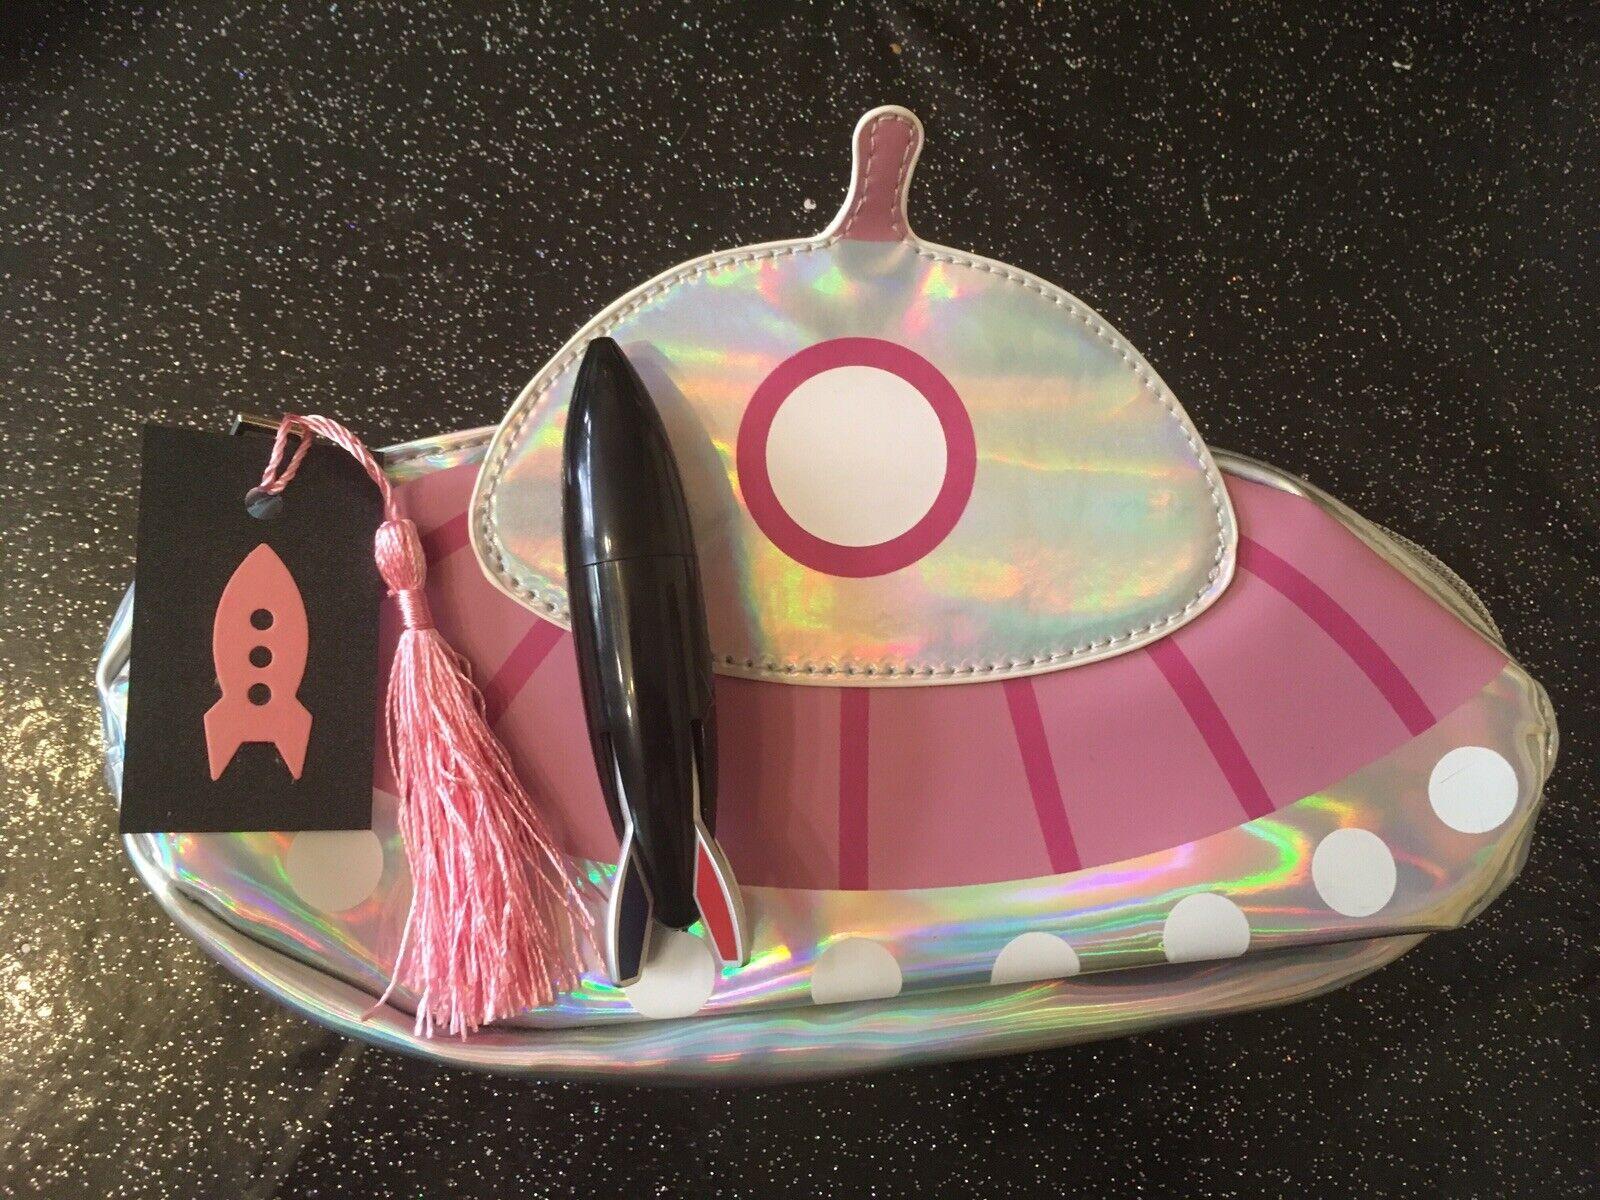 50's Atomic Pink Spaceship Large Metallic Cosmetic Bag +Rocket Pen 2 Pc Gift Set